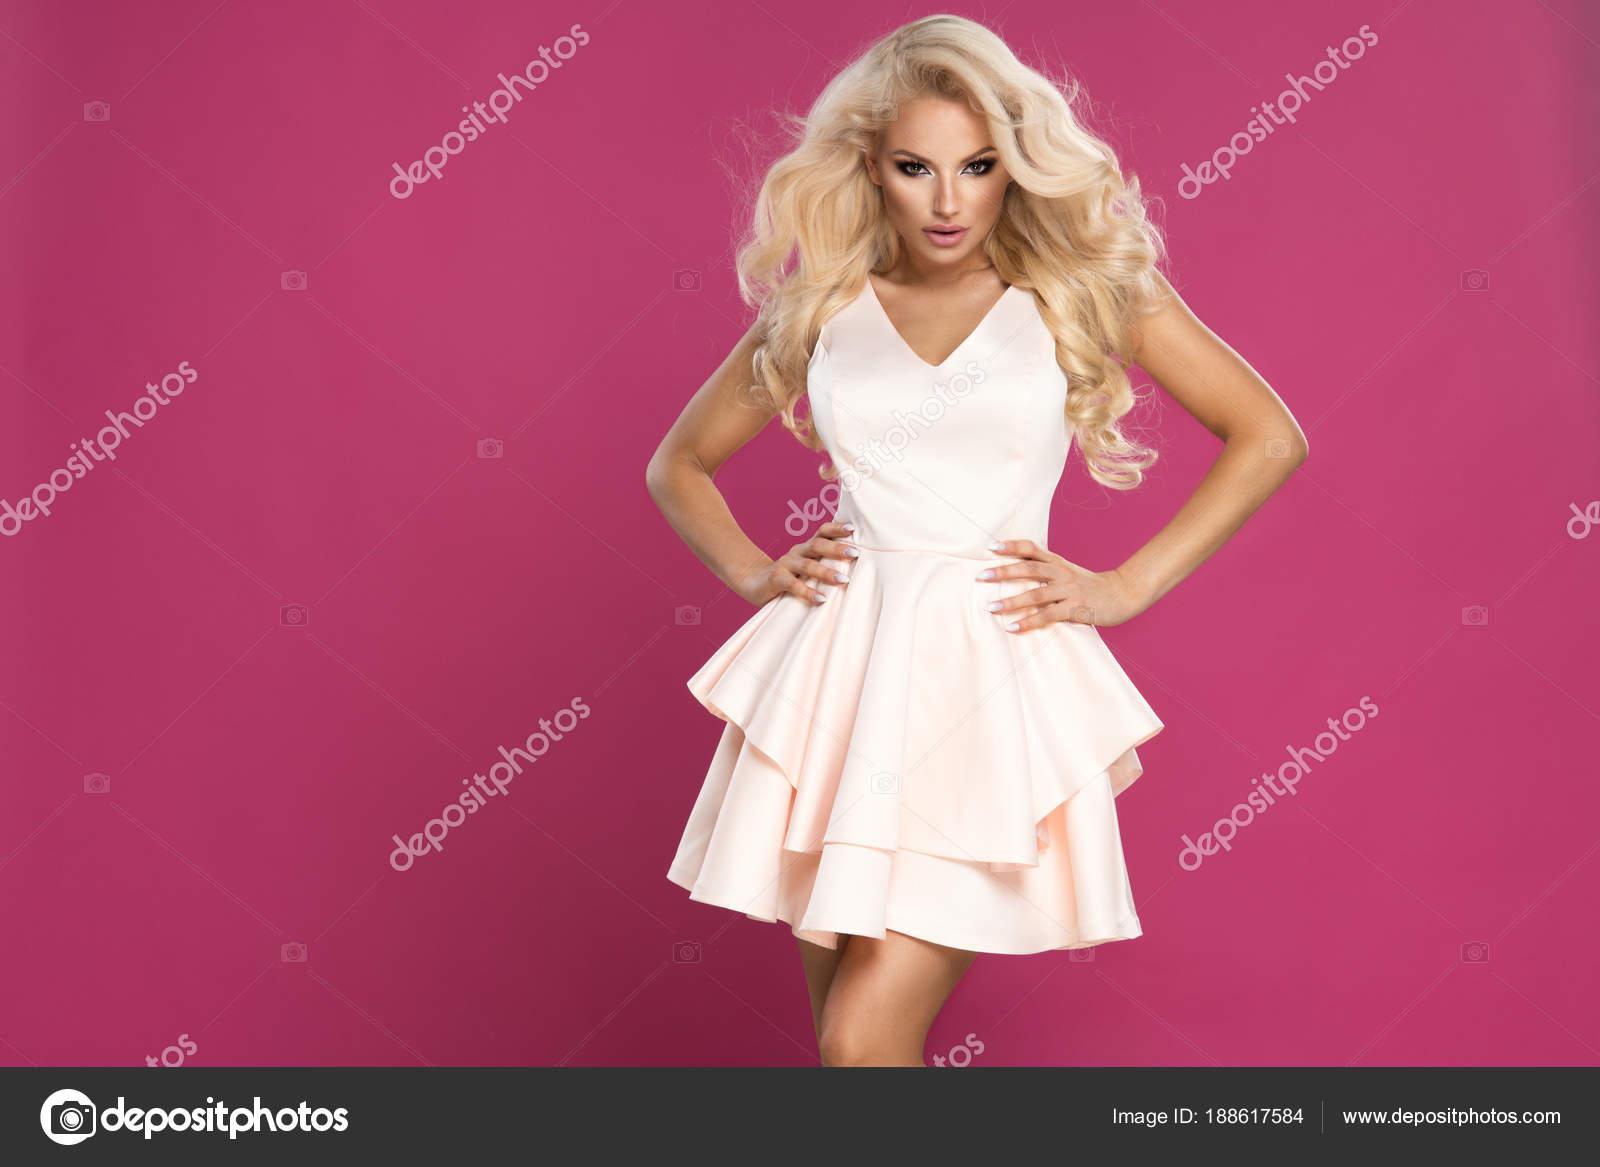 f6bcb6a6c4cd Krása Blondýna Žena Nosit Růžové Šaty Růžové Zeď — Stock Fotografie ...